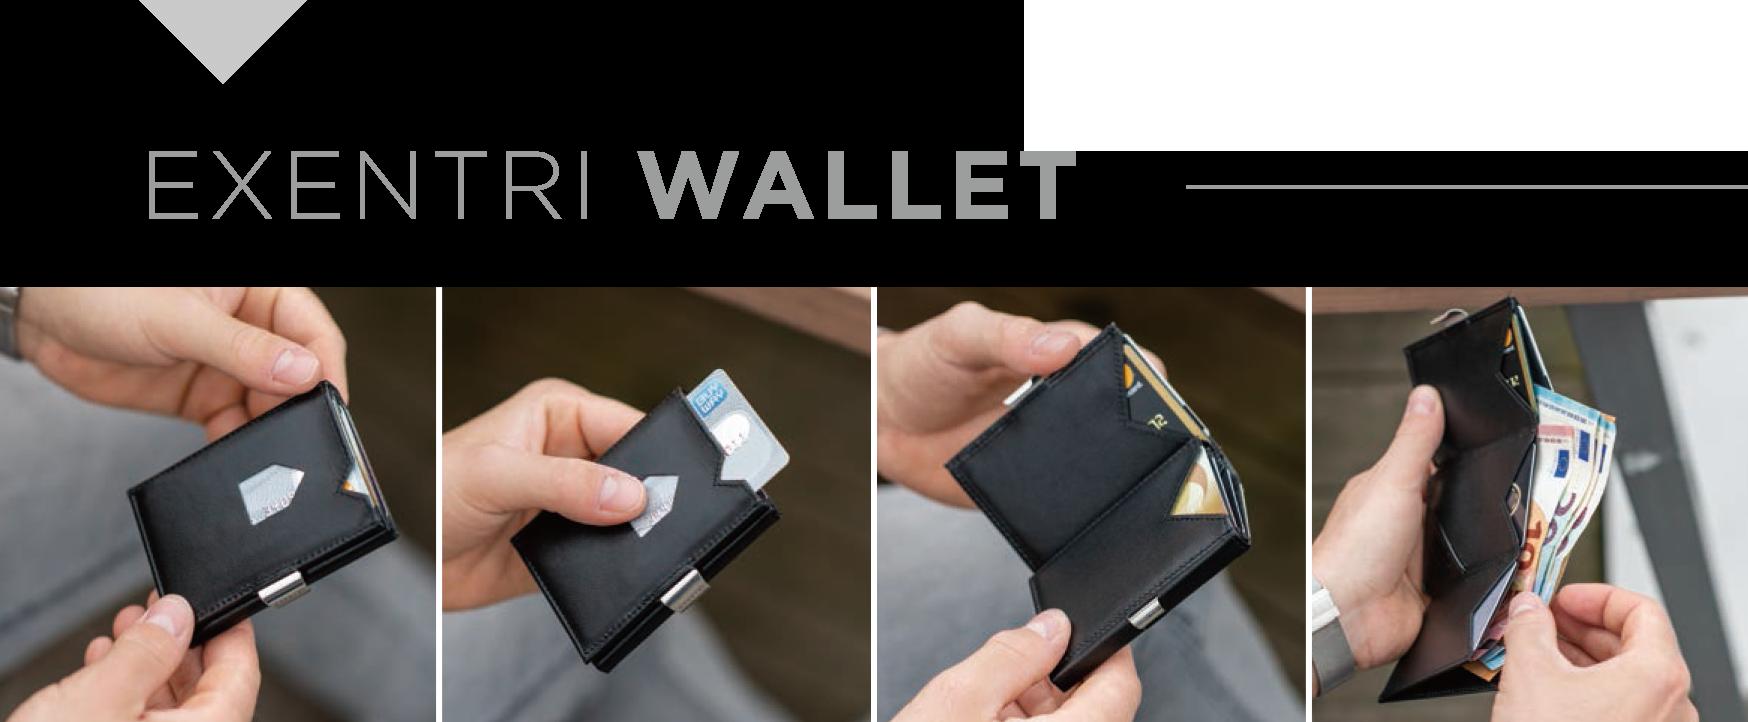 エキセントリ ウォレット,EXENTRI,エキセントリ,財布,三つ折りコンパクト財布,ミニマリスト,キャッシュレス